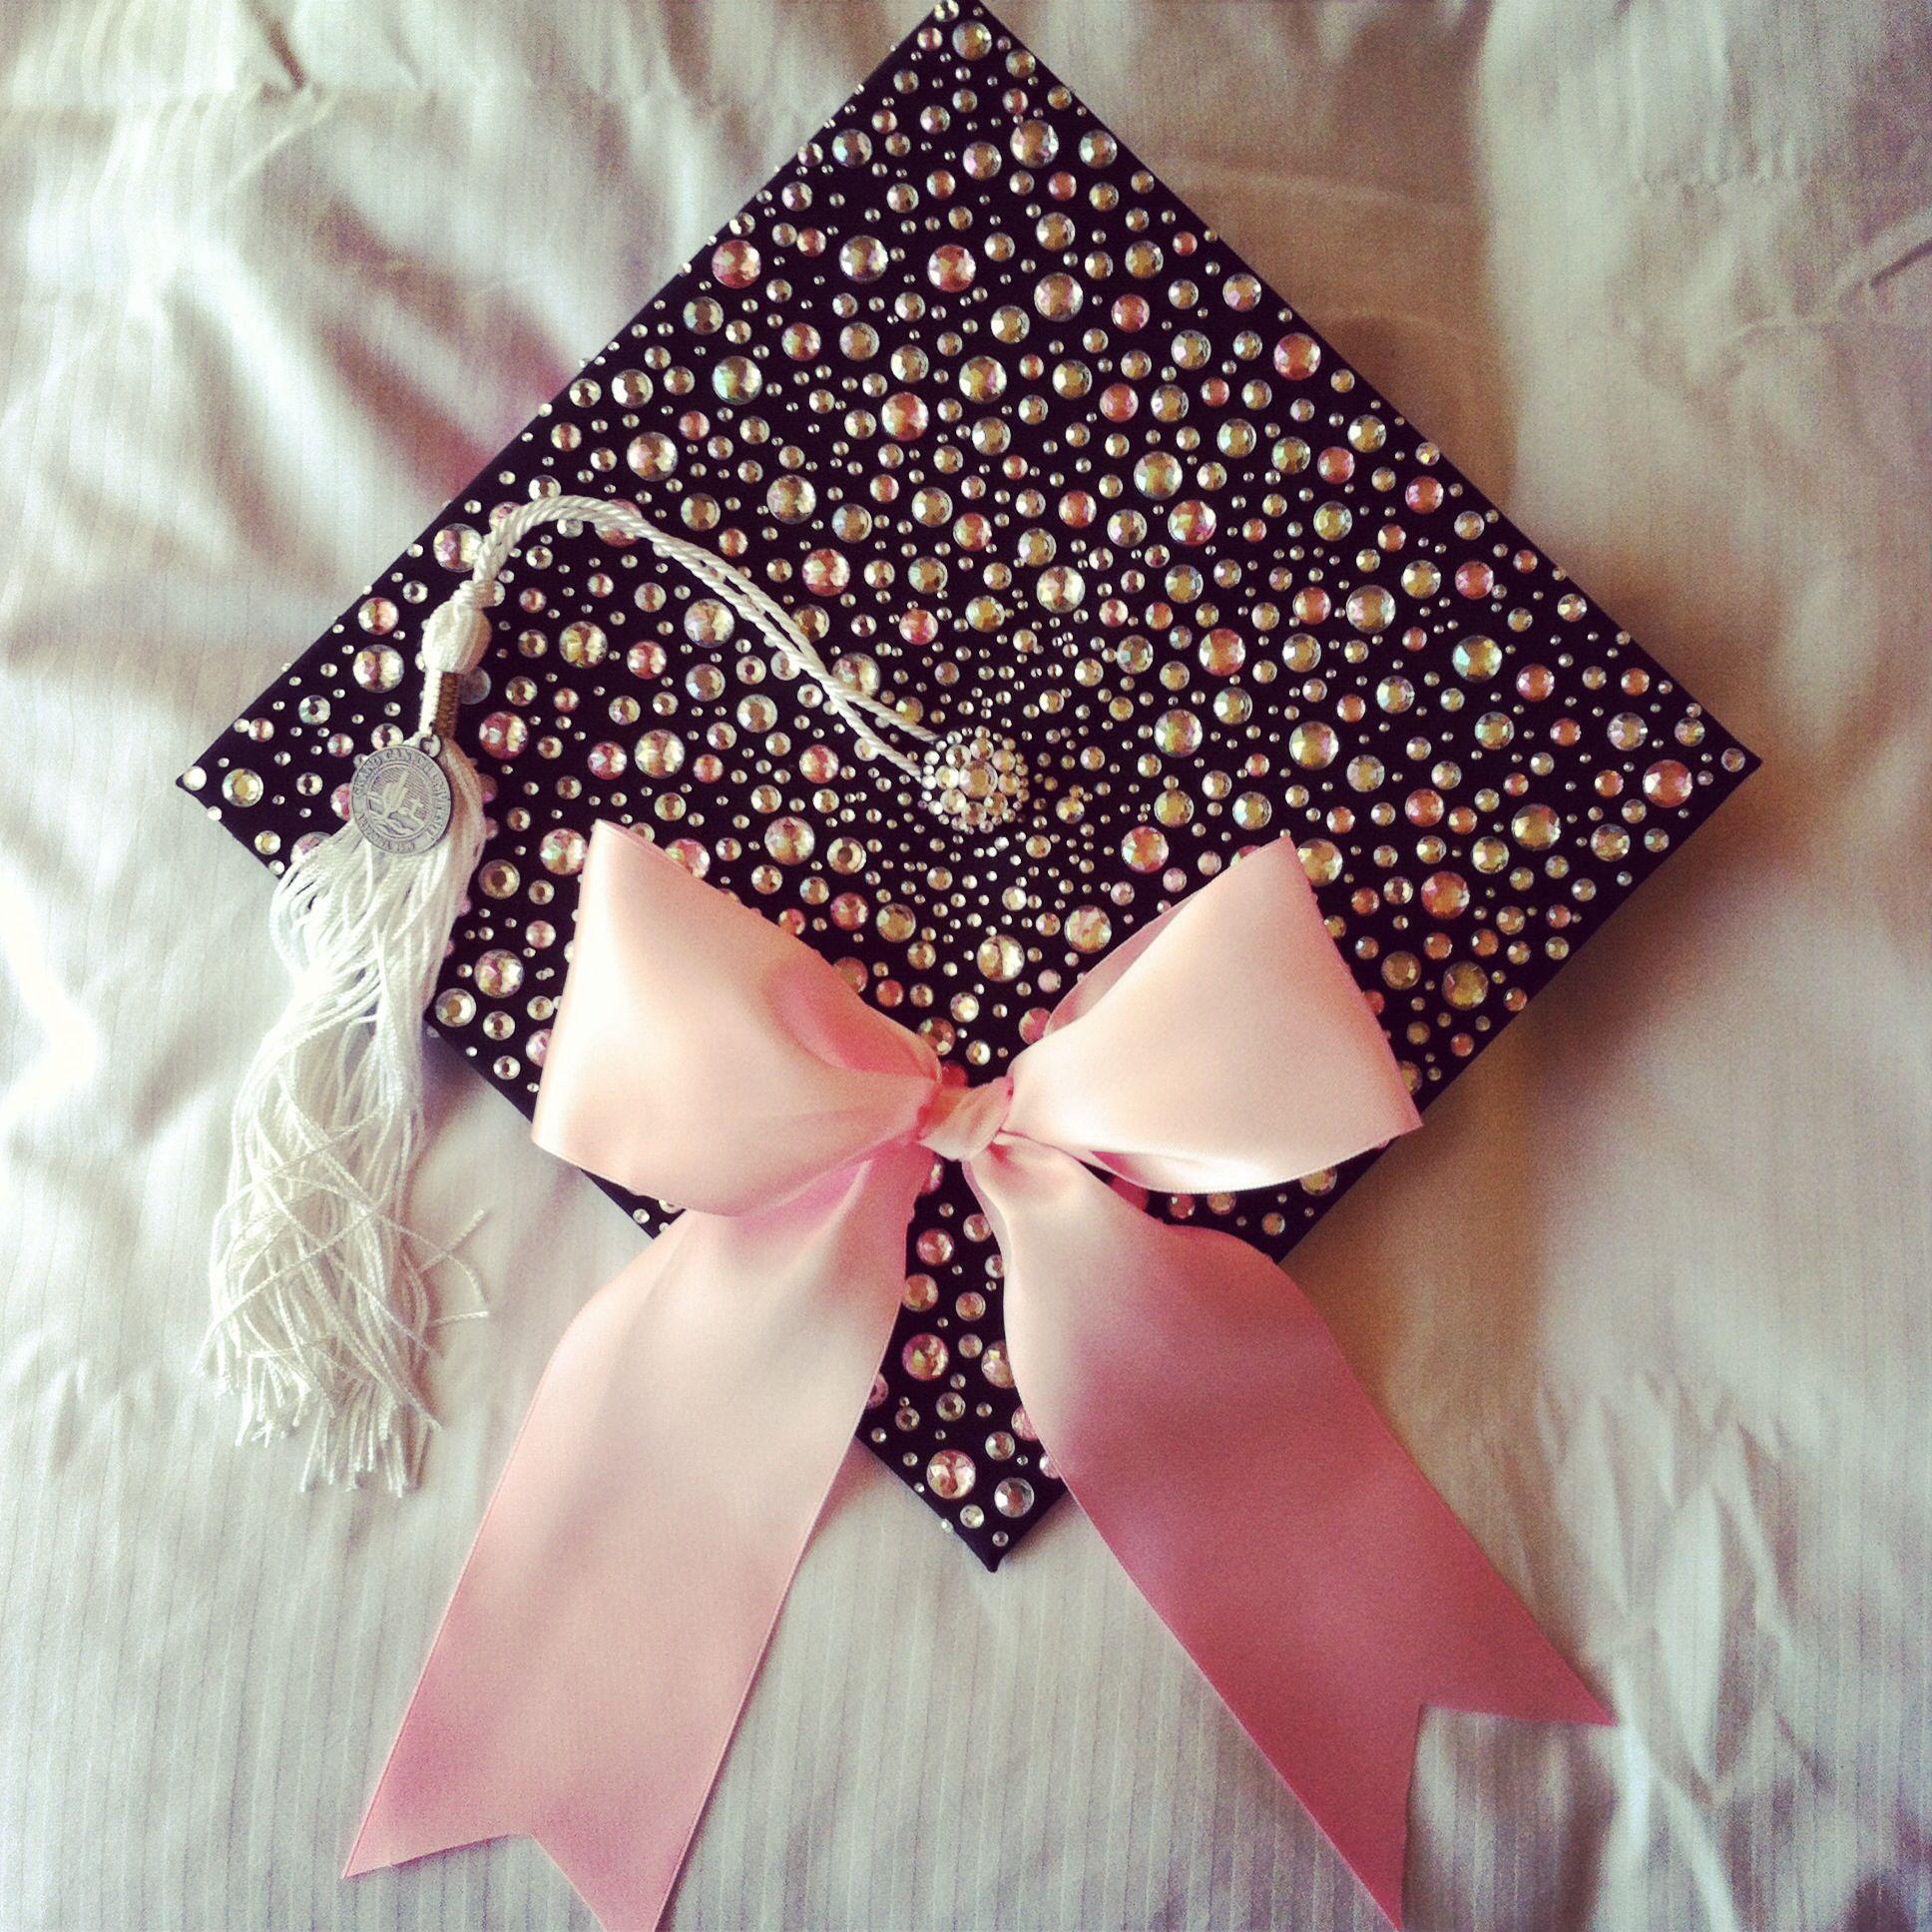 top 12 graduation cap design inspirations - Graduation Cap Decoration Ideas